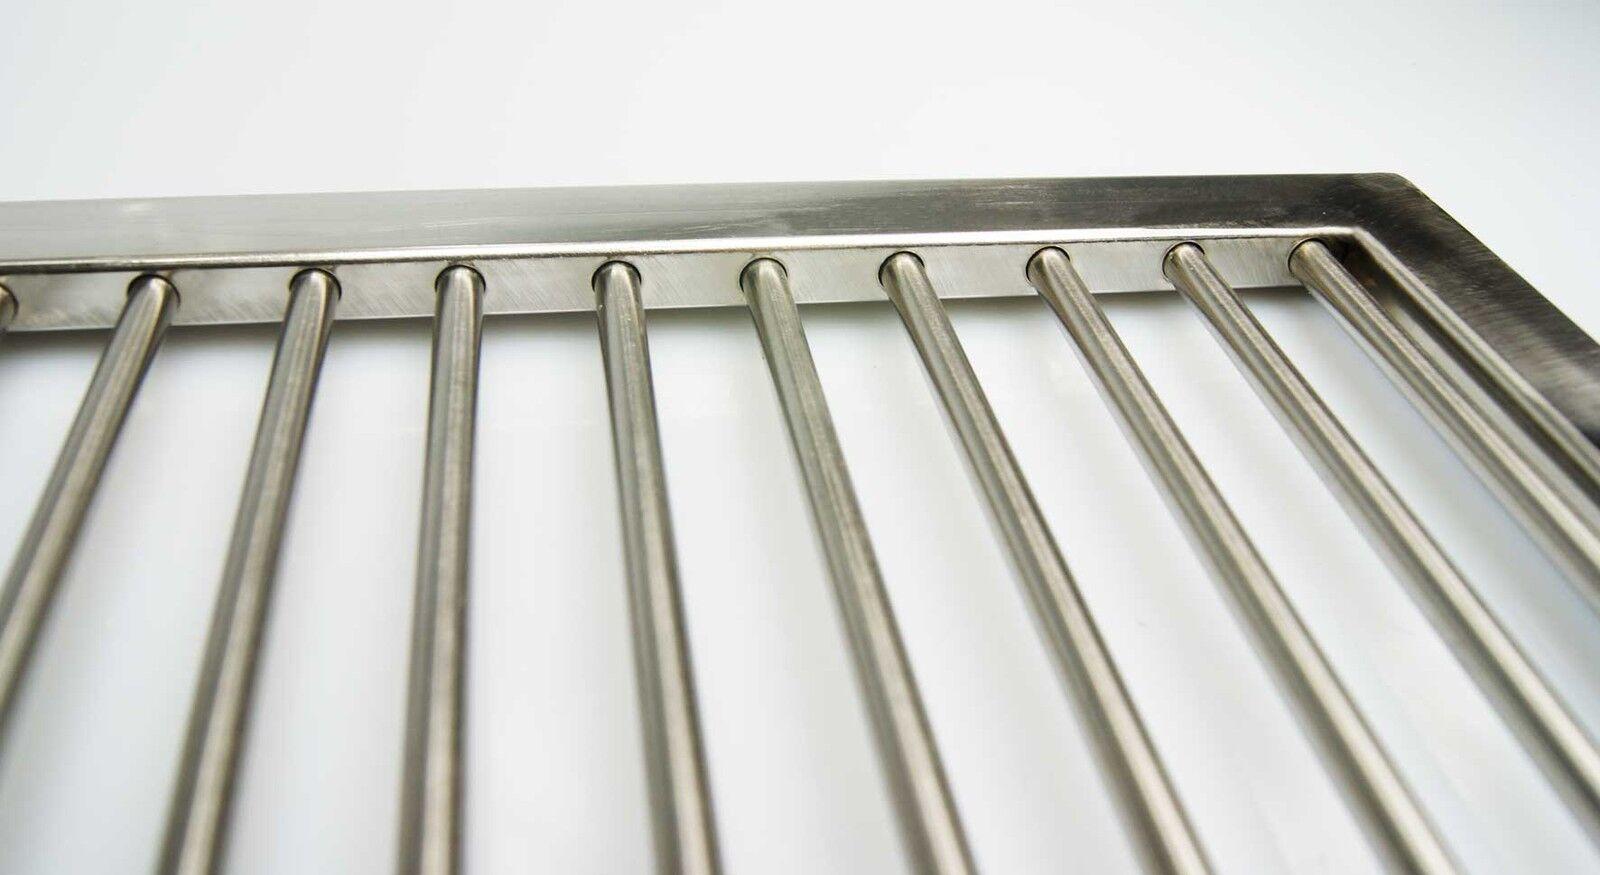 edelstahl grillrost 60 x 40 cm griffe handarbeit grillkamin grill 6mm st be v2a eur 73 90. Black Bedroom Furniture Sets. Home Design Ideas